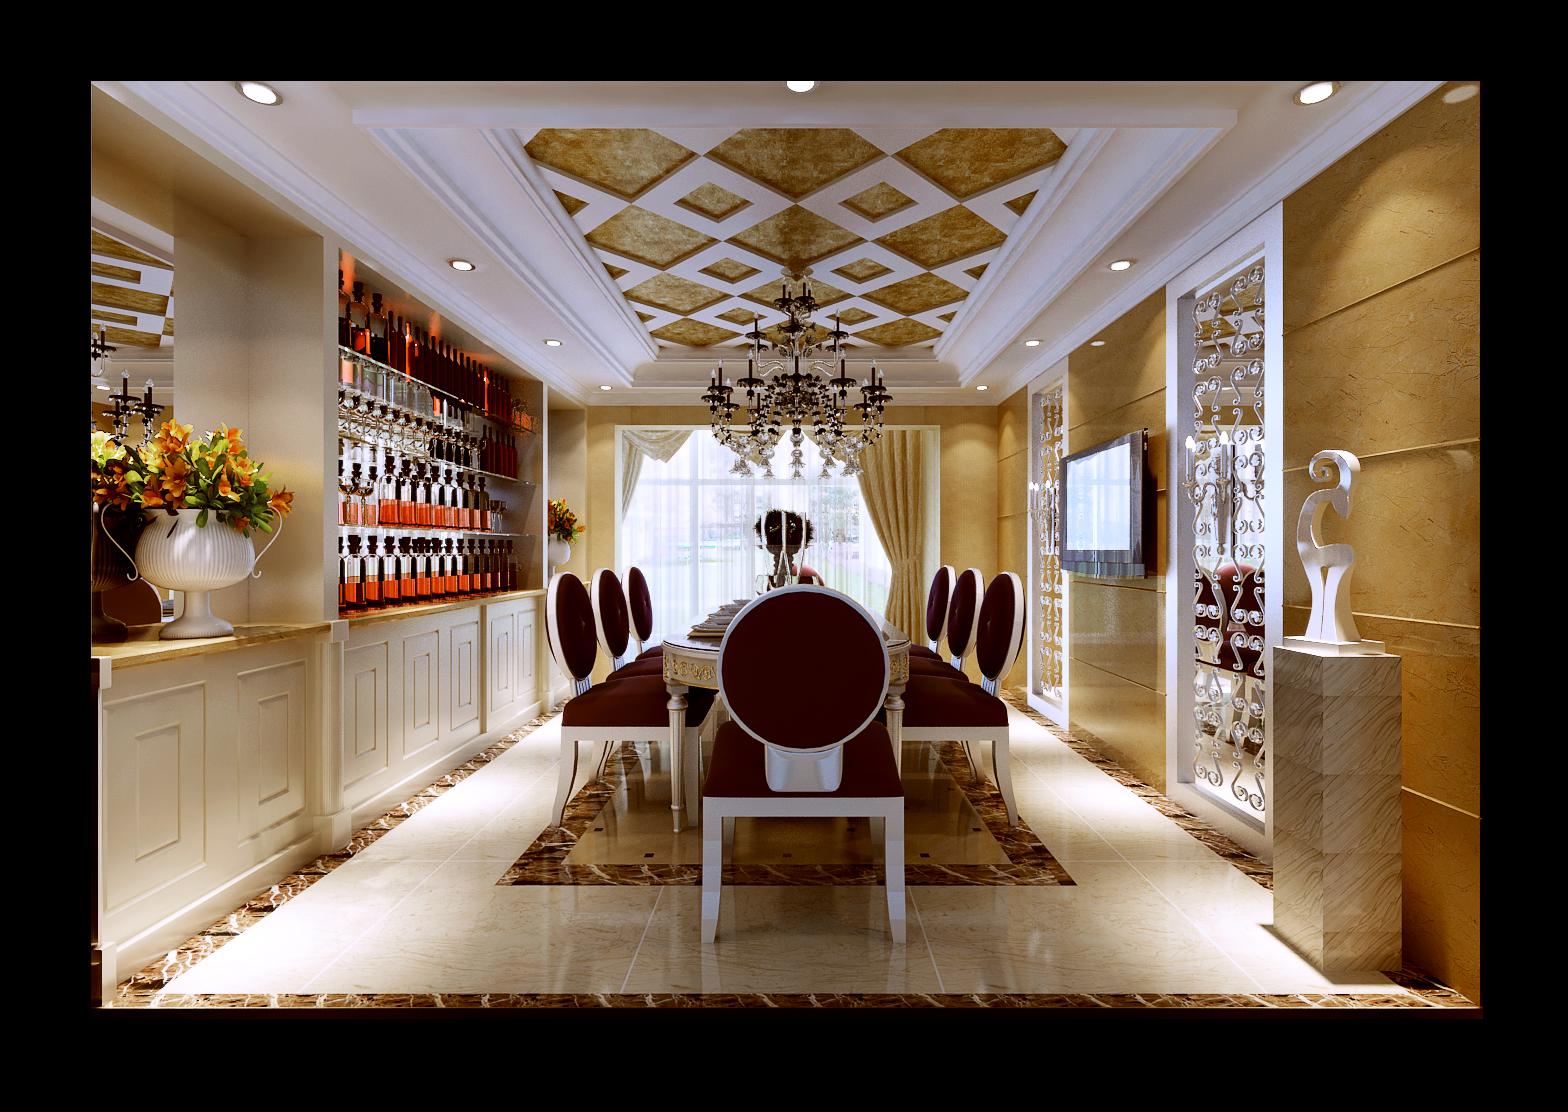 简约 欧式 复式 餐厅图片来自实创装饰上海公司在200平复式楼欧式风格装修设计的分享